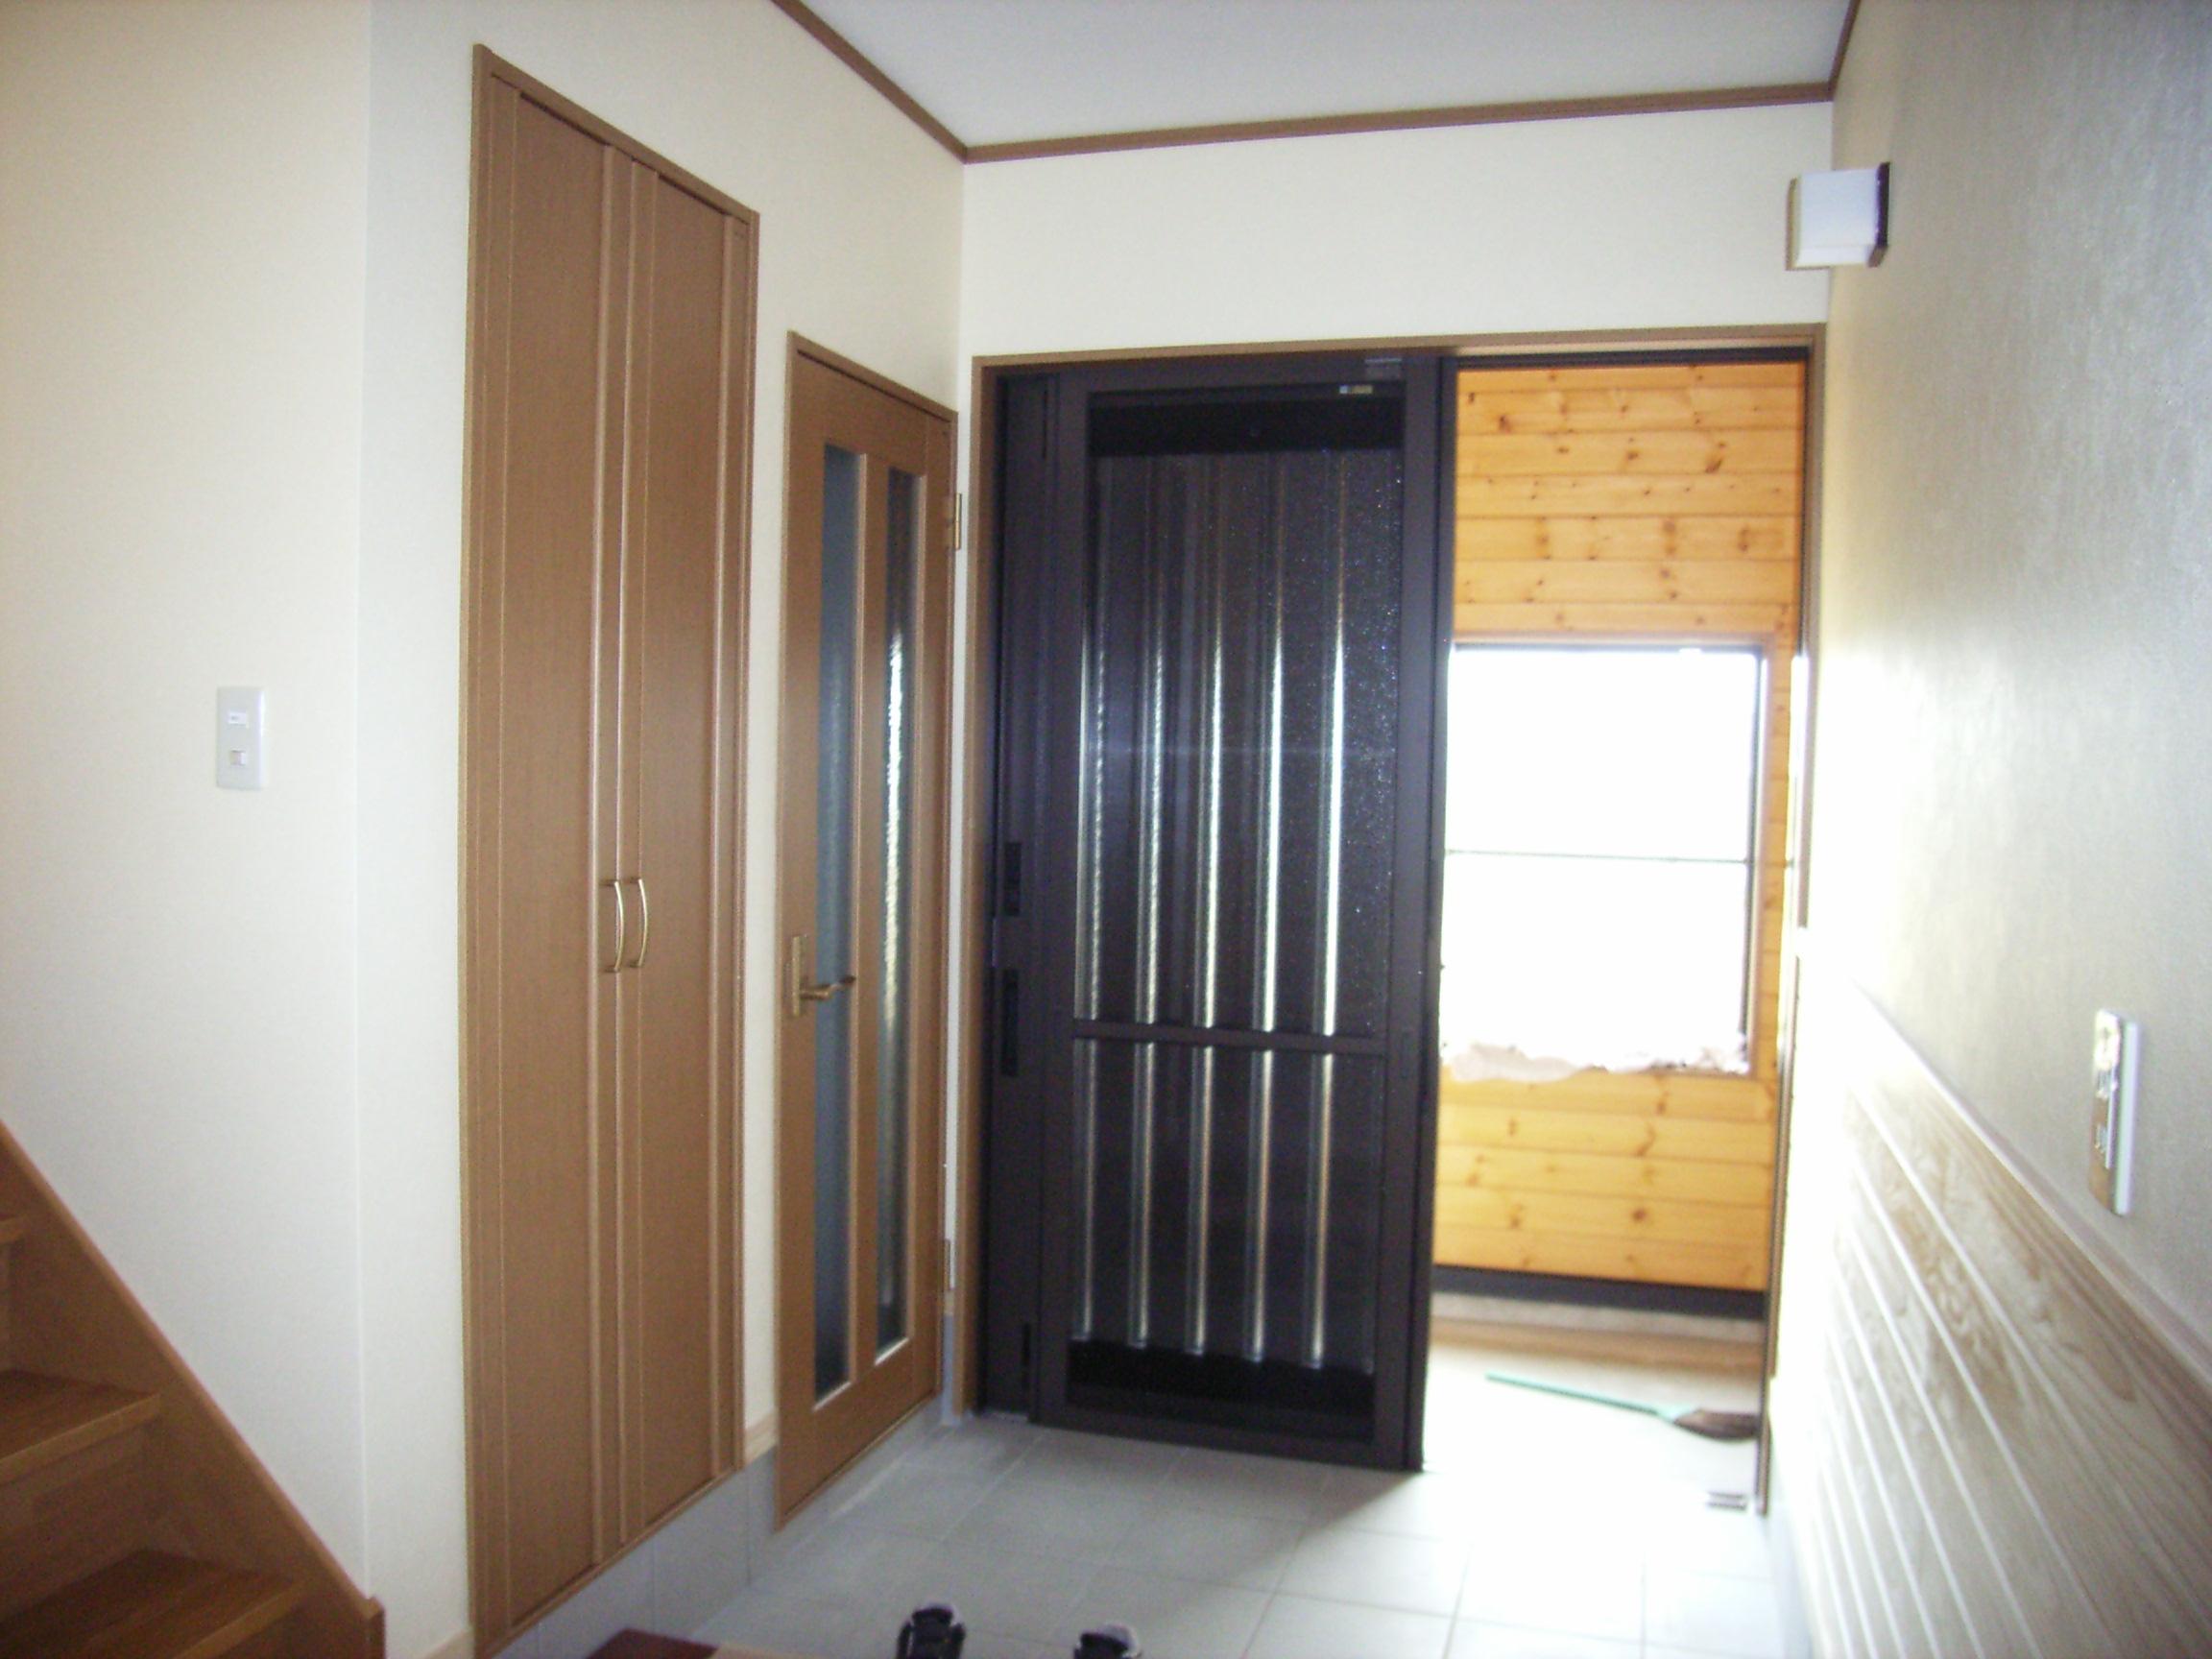 http://www.nagumo-juken.jp/images/s-house3.jpg